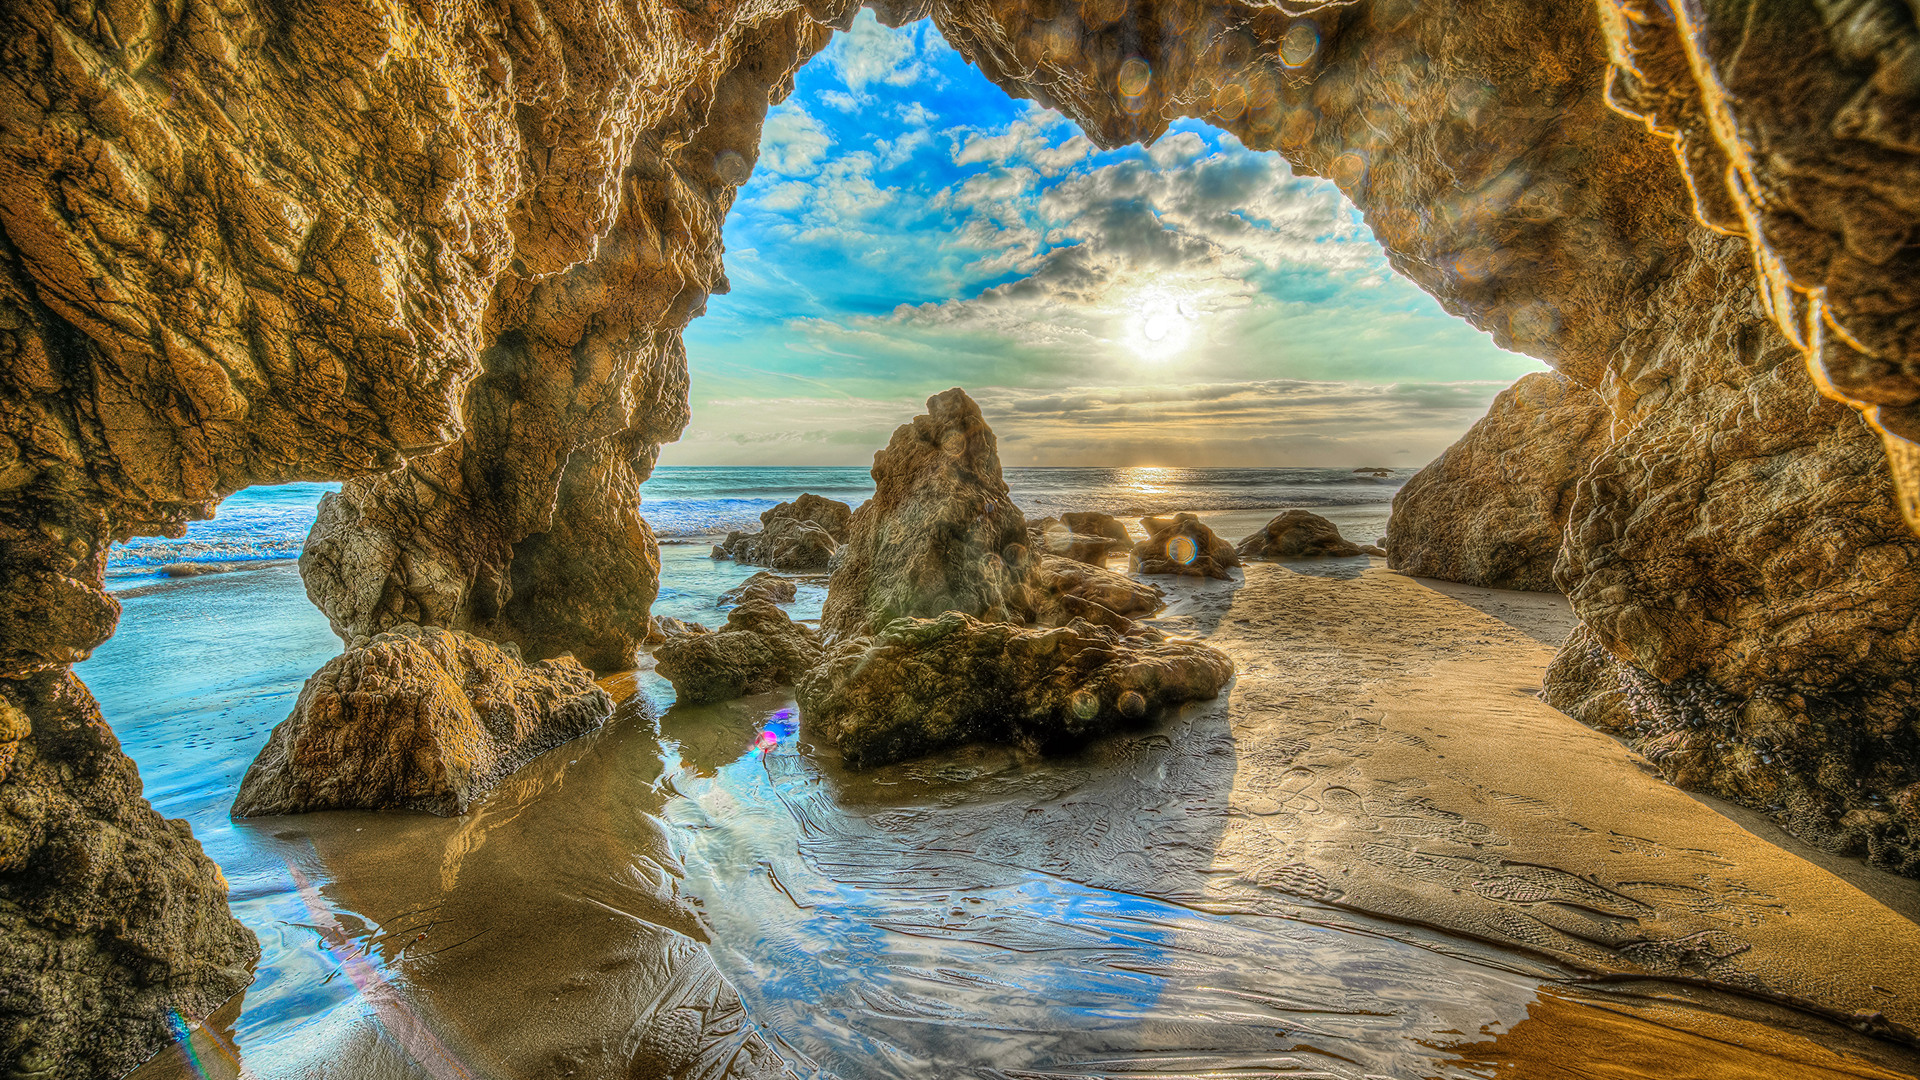 1920x1080 Rocks Cliff 5k Laptop Full HD 1080P HD 4k ...